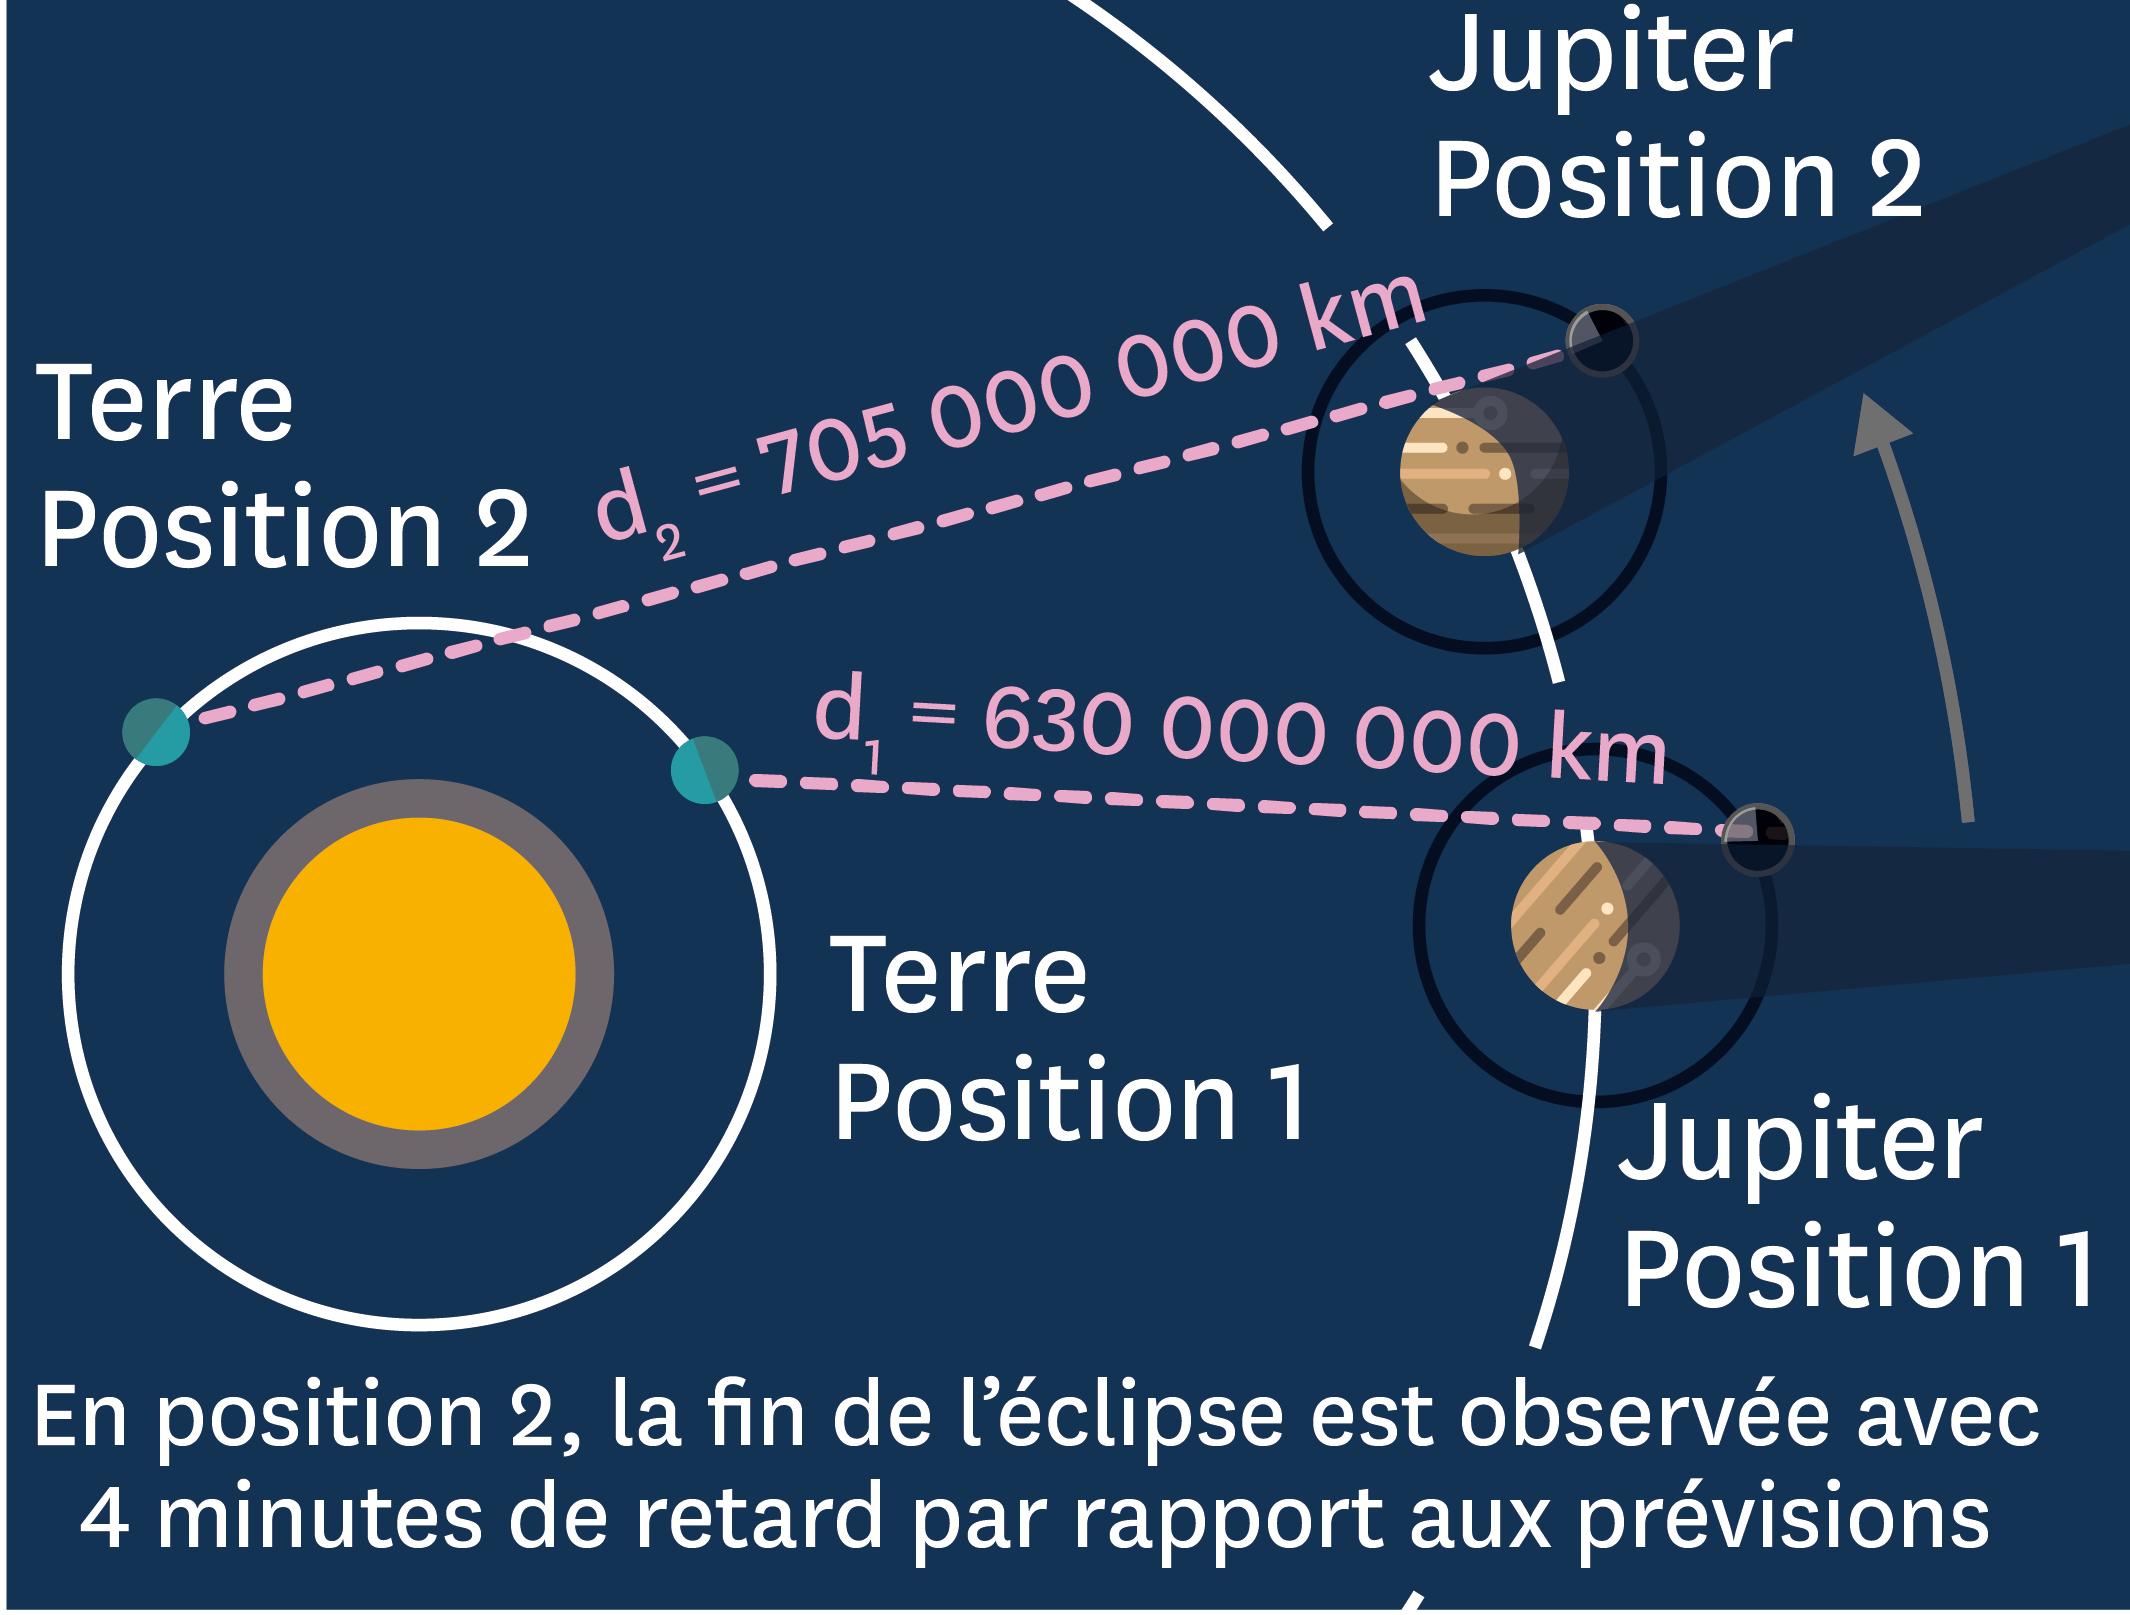 <stamp theme='pc-green1'>Doc. 3</stamp> Des dispositions différentes d'une fin d'éclipse à l'autre